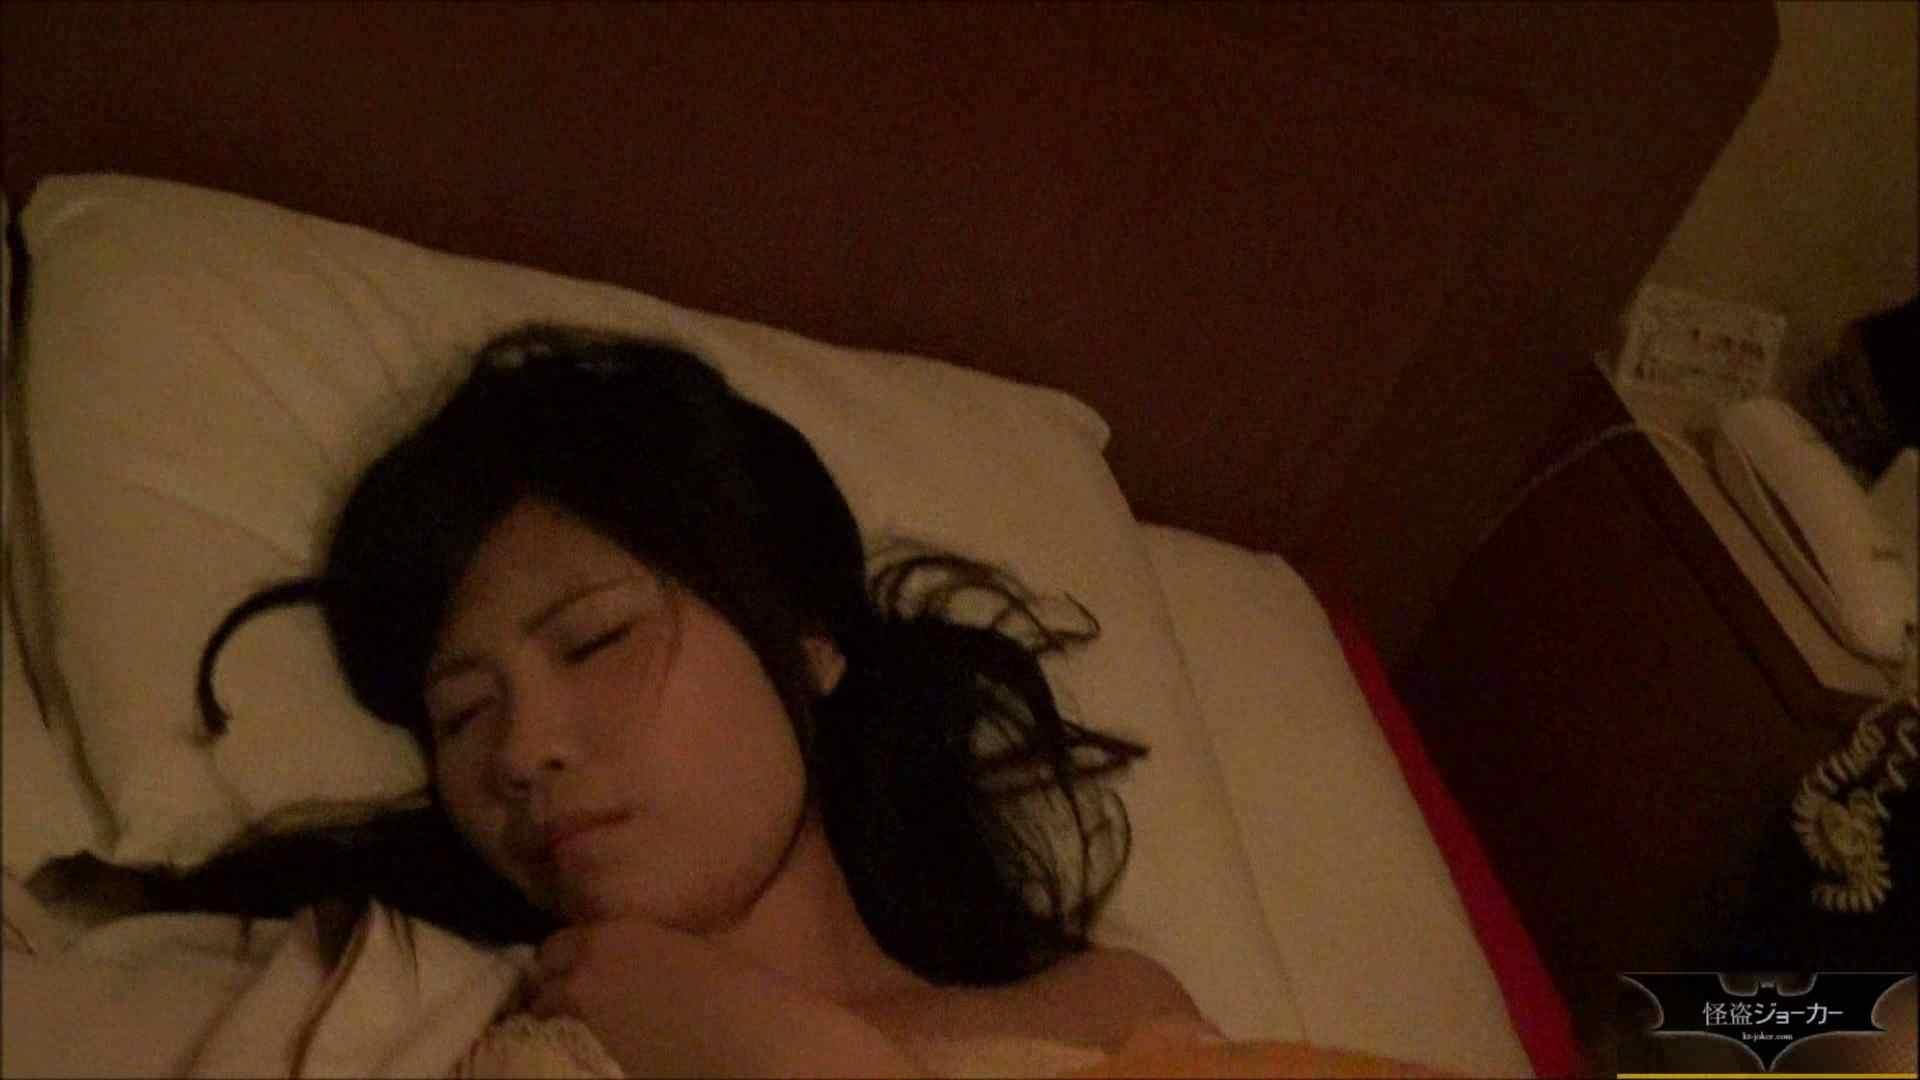 【未公開】vol.86 {清楚とファスト系ギャル}KAZUMI&SAEちゃん 美肌  74画像 40